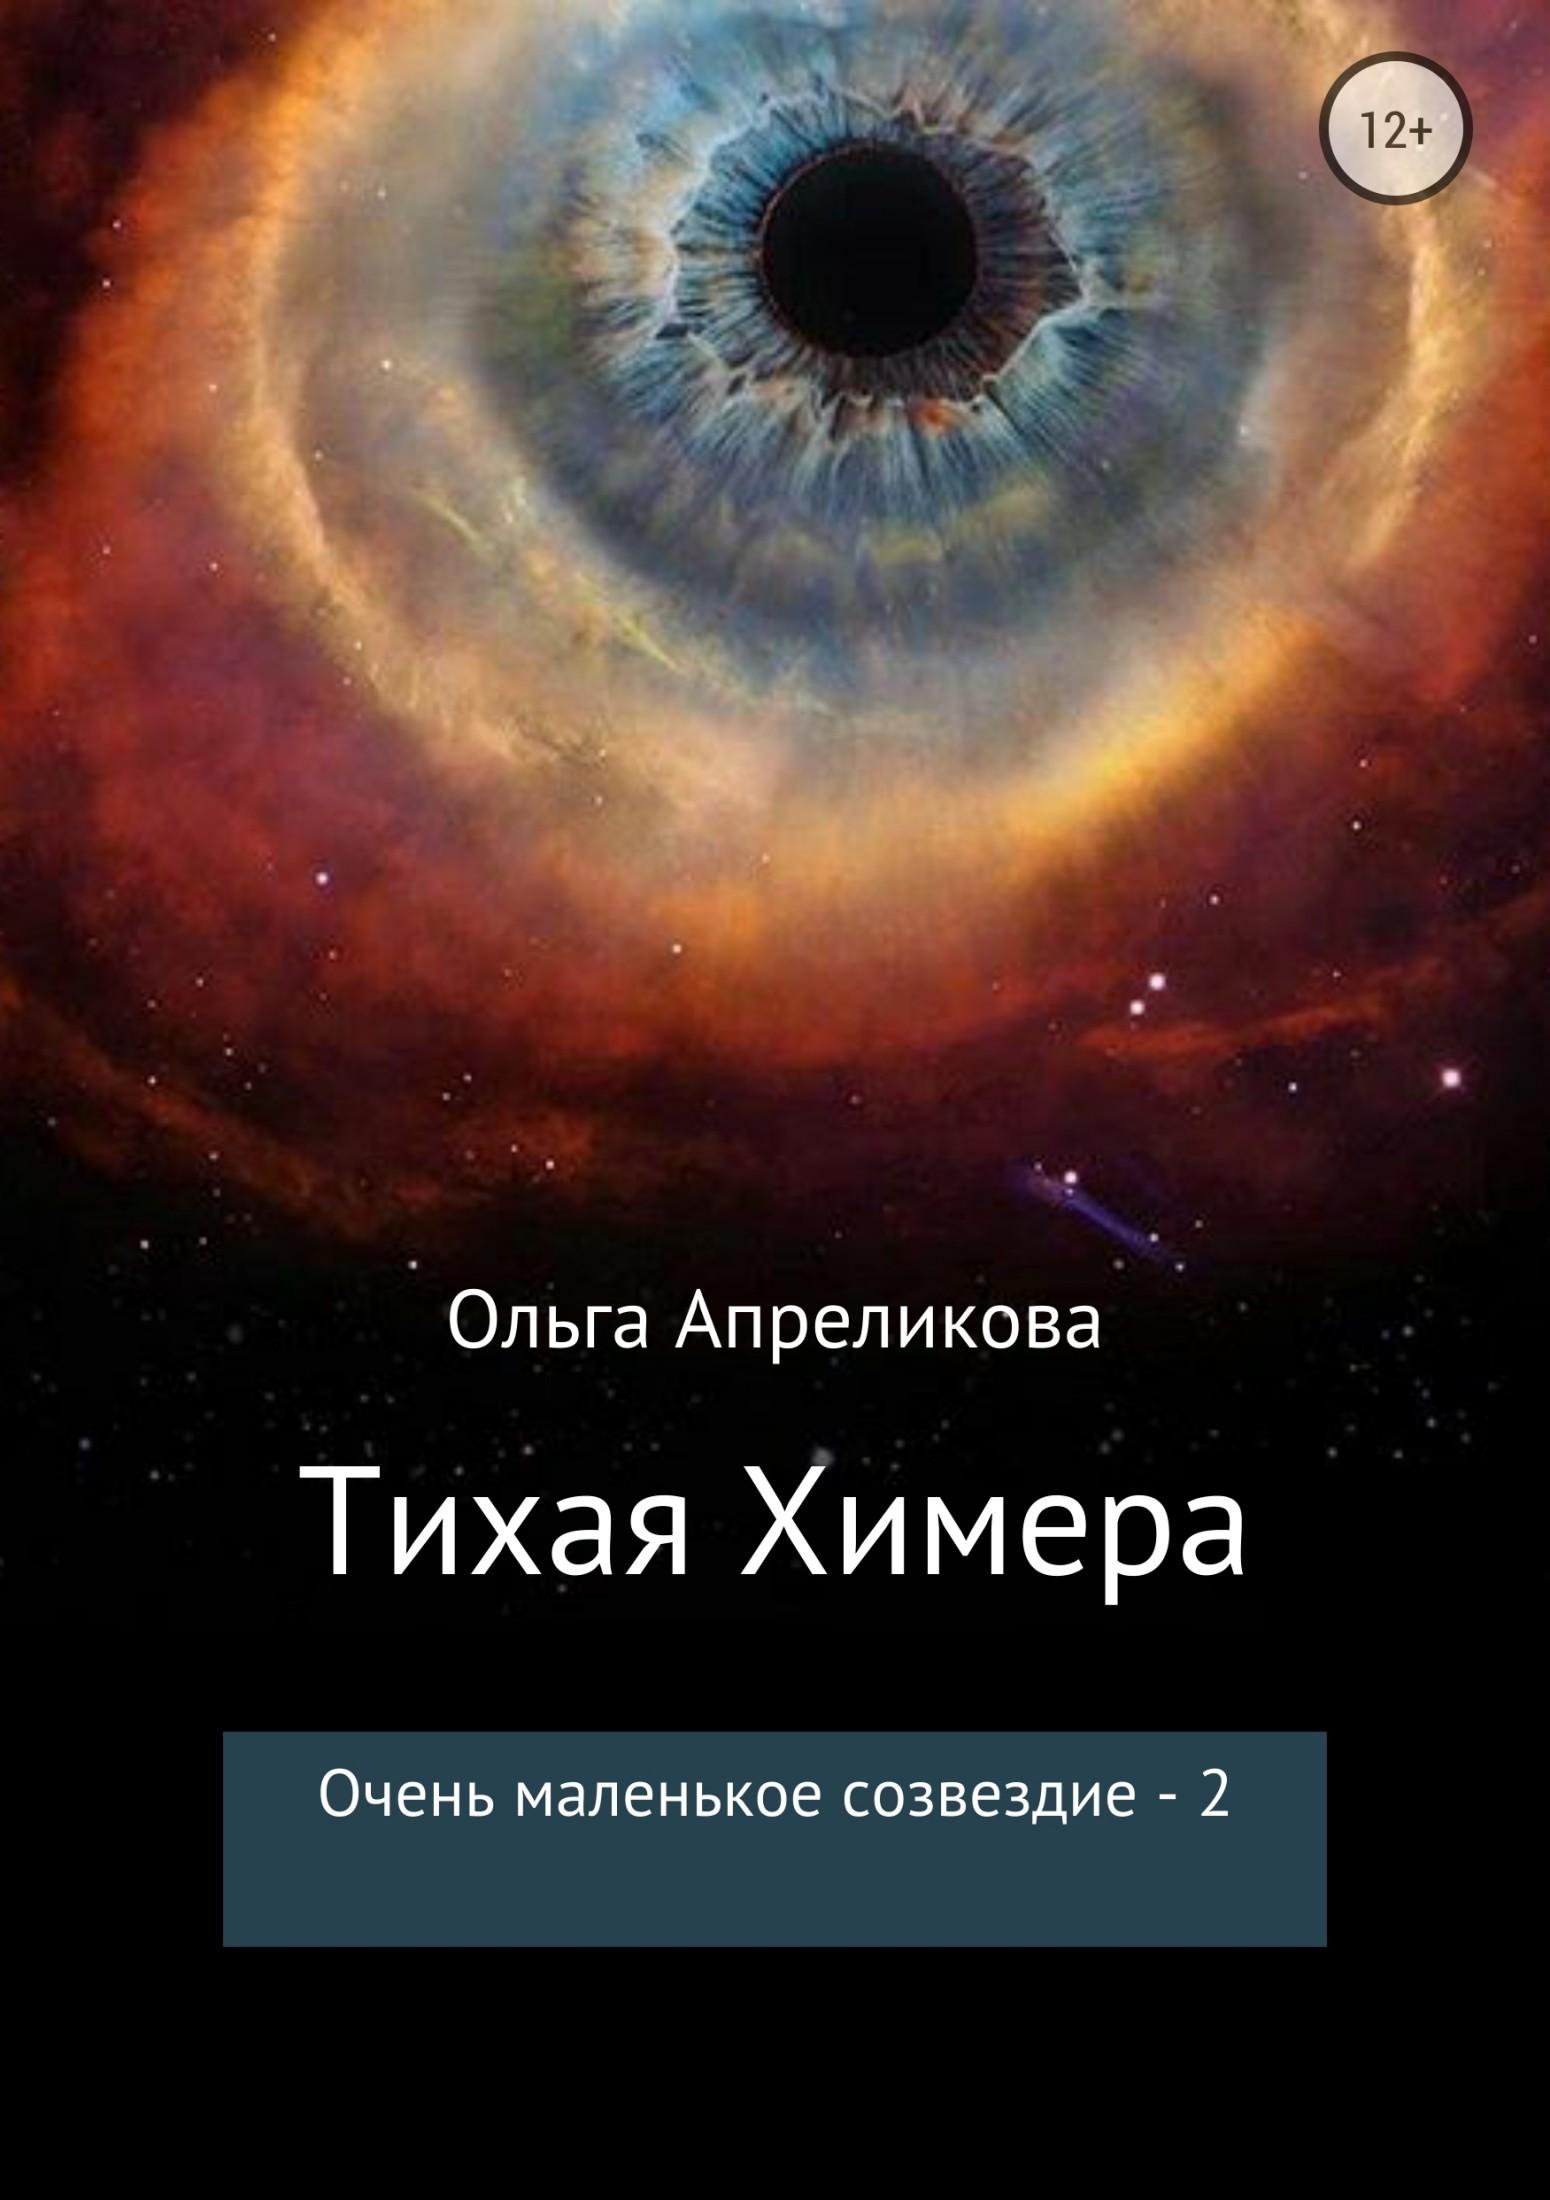 Ольга Апреликова - Очень маленькое созвездие. Том 2. Тихая Химера